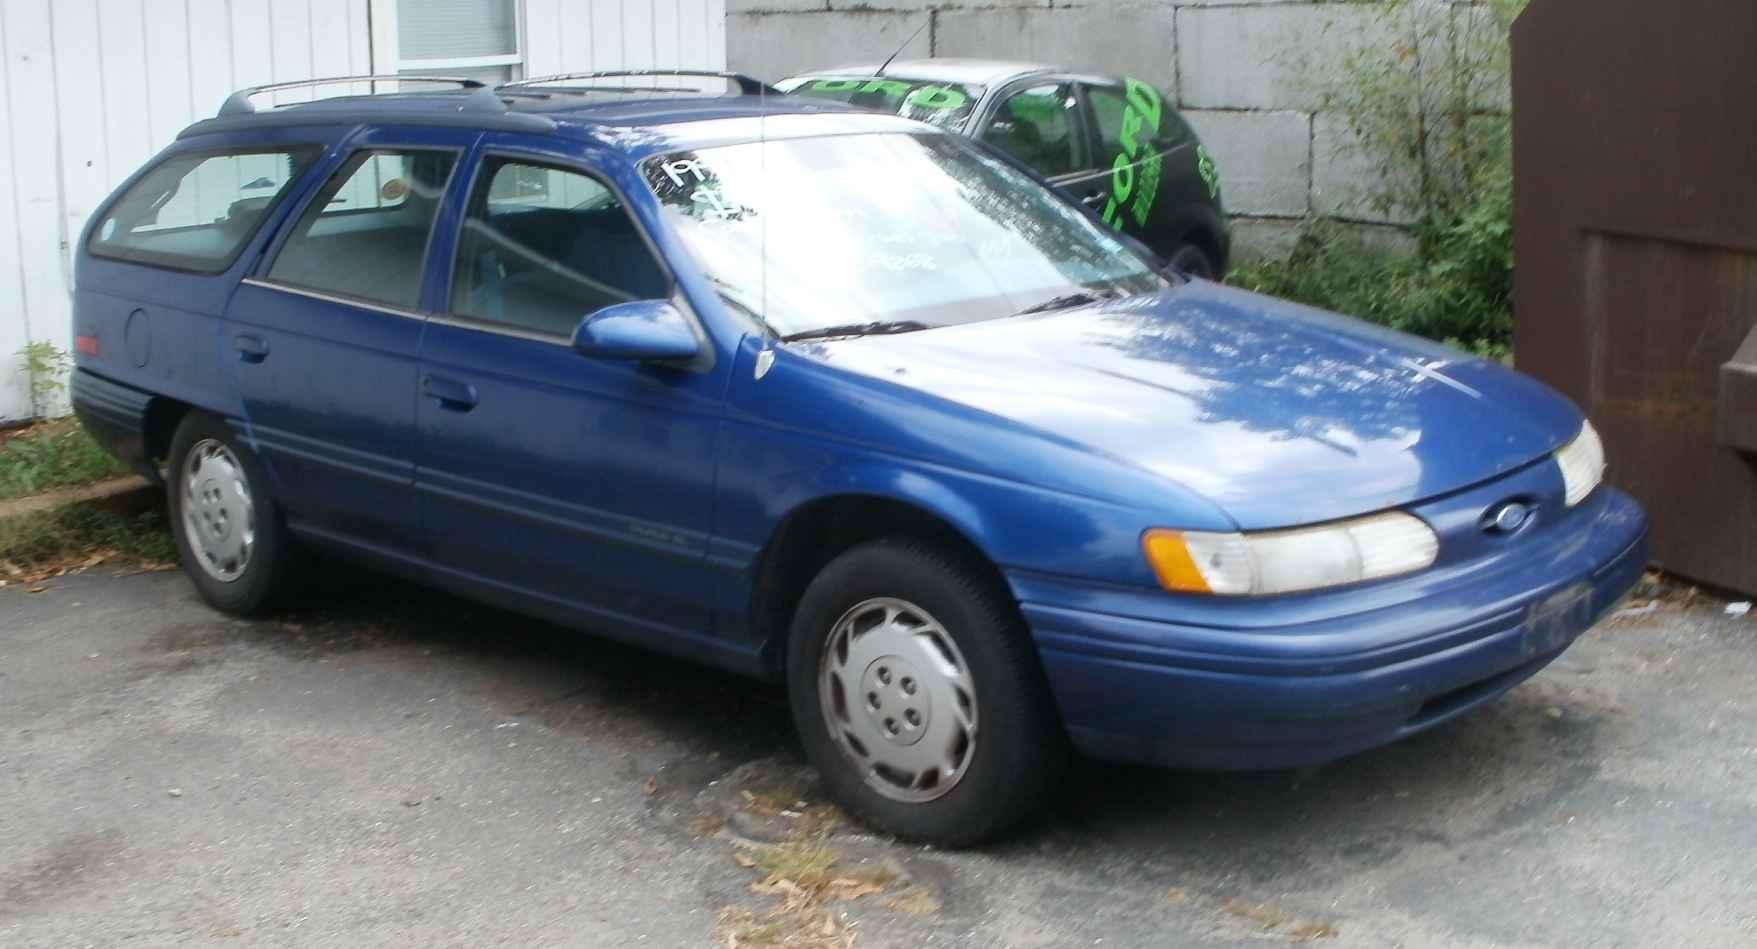 Форд таурус 1994 фото